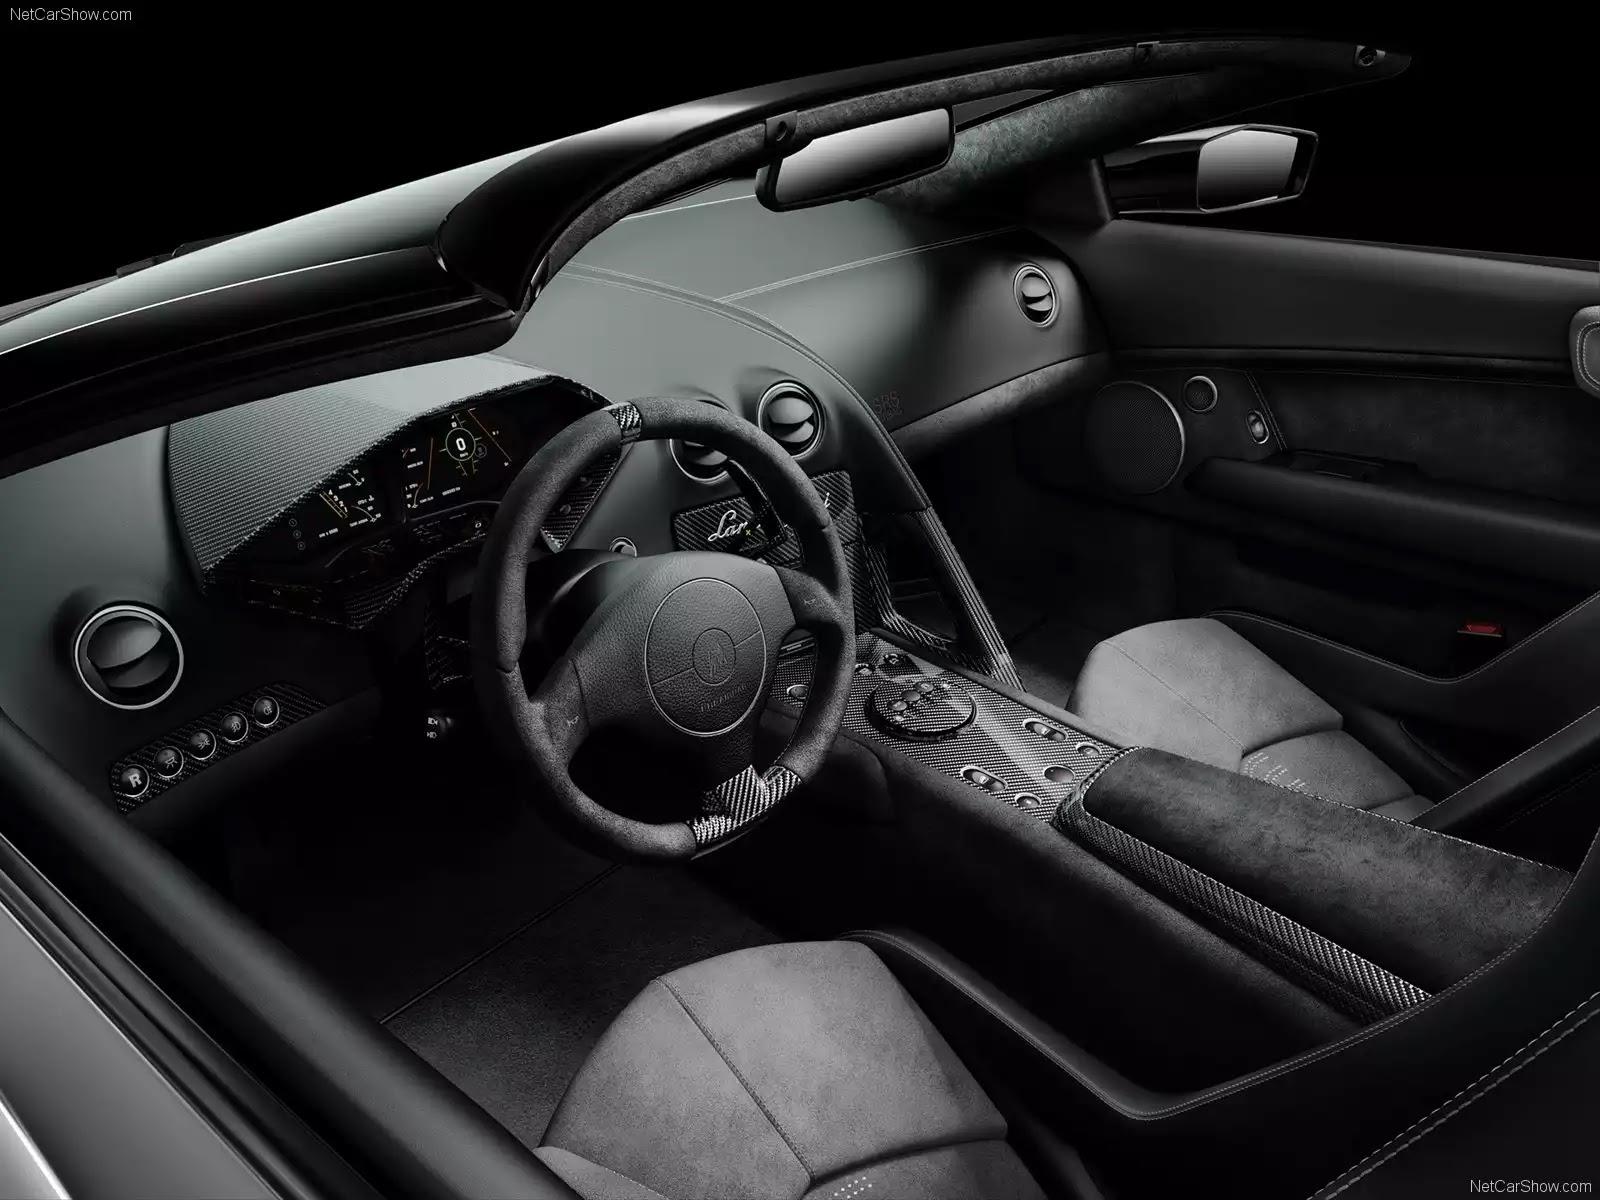 Hình ảnh siêu xe Lamborghini Reventon Roadster 2010 & nội ngoại thất